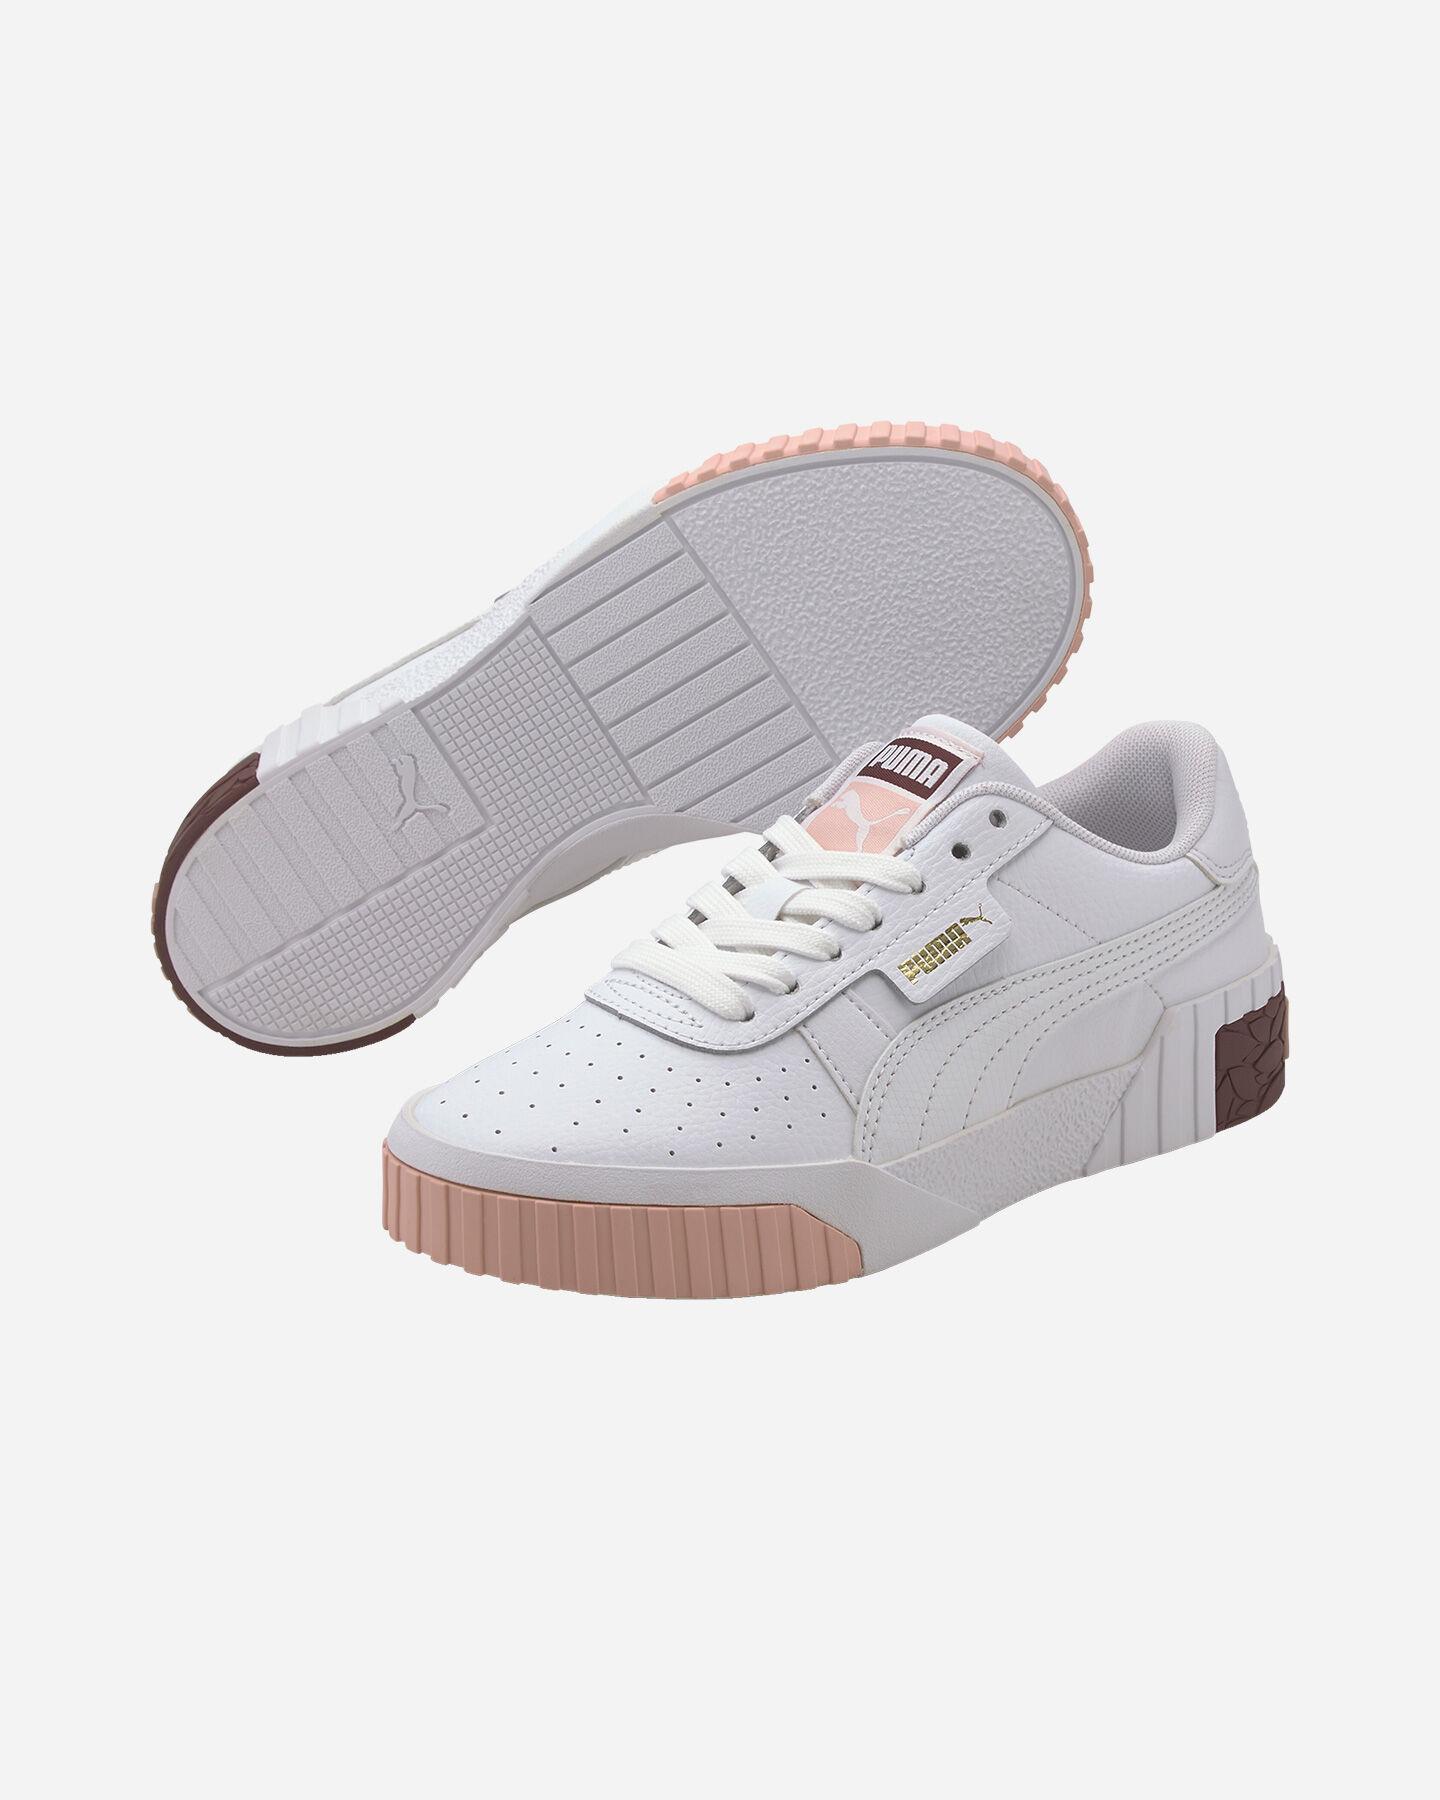 Scarpe sneakers PUMA CALI GS JR S5234399 scatto 1